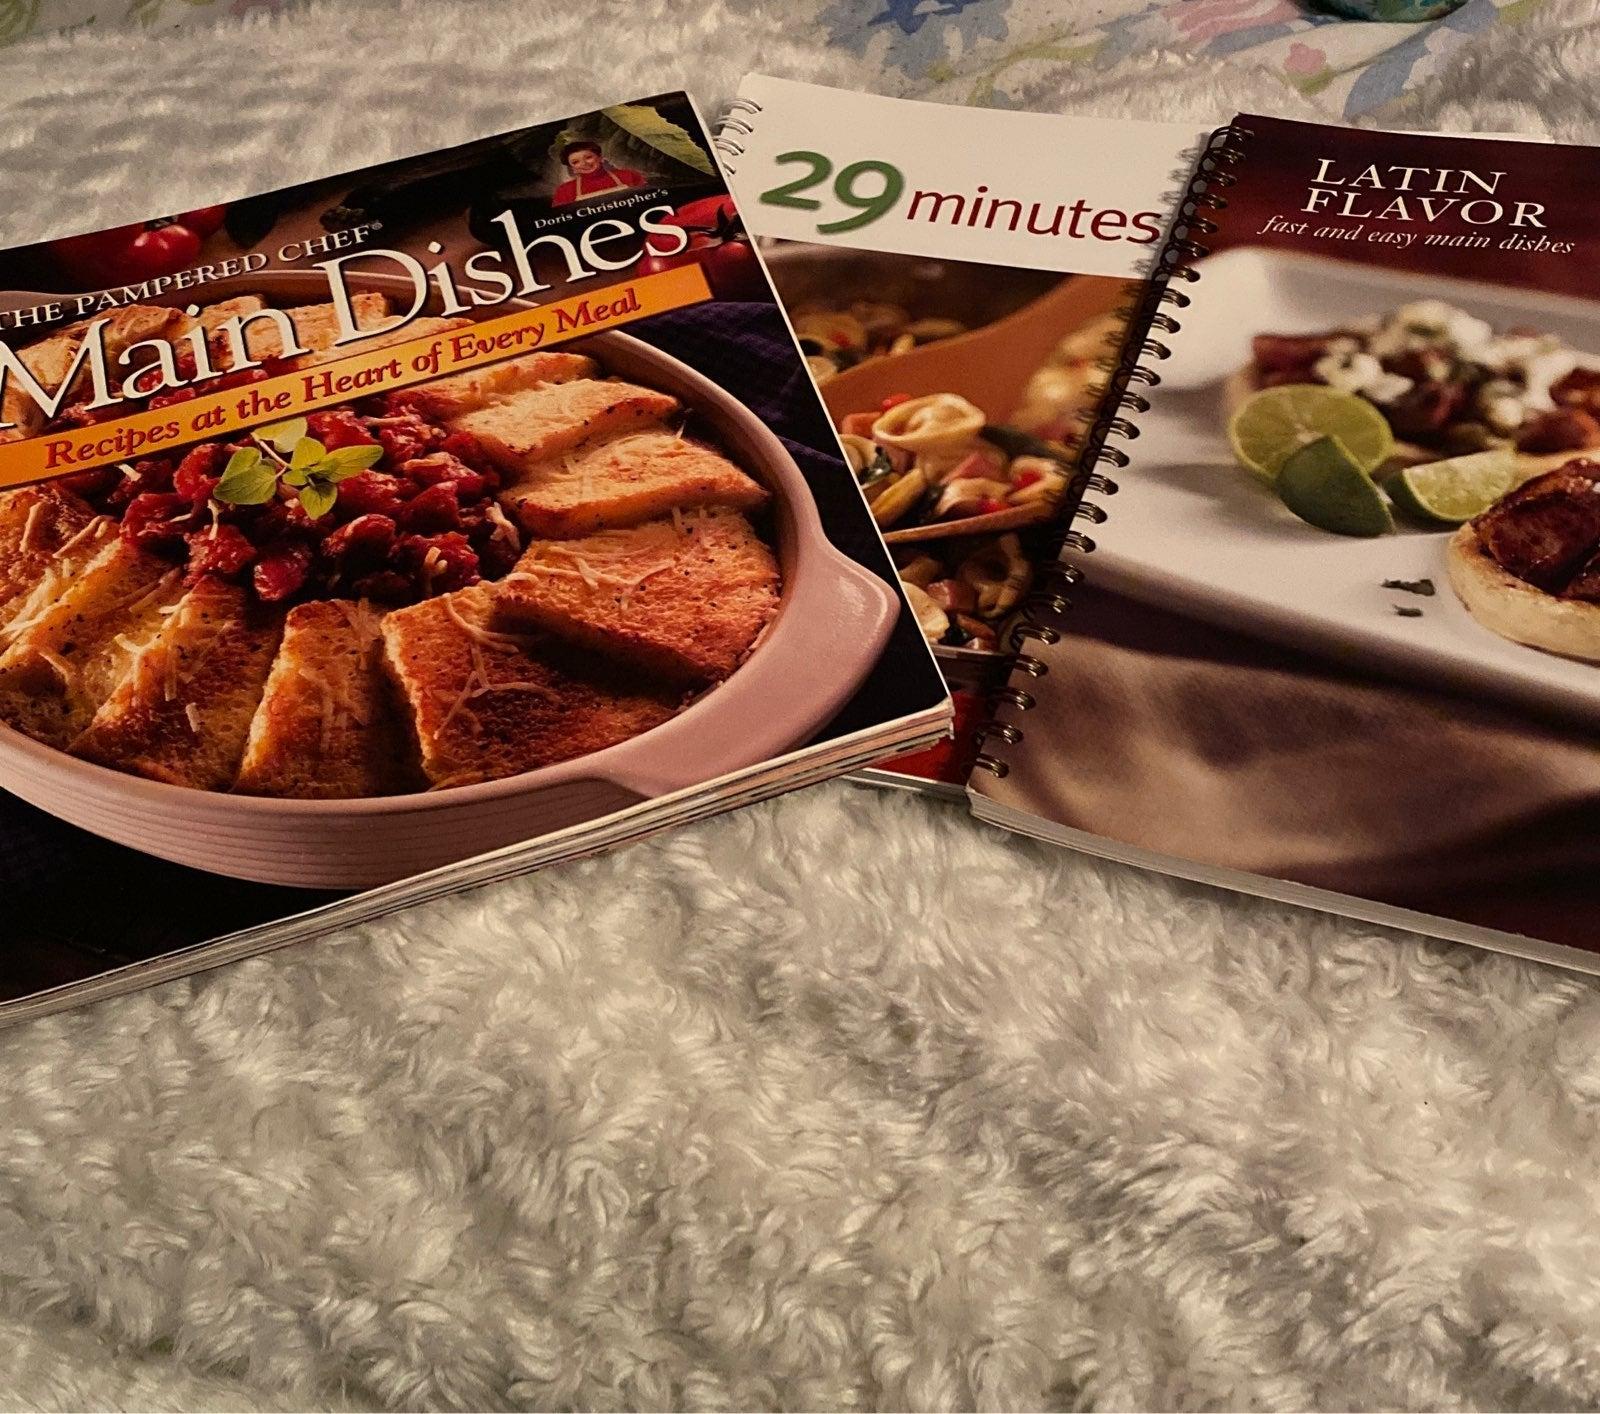 Pampered Chef cookbook set